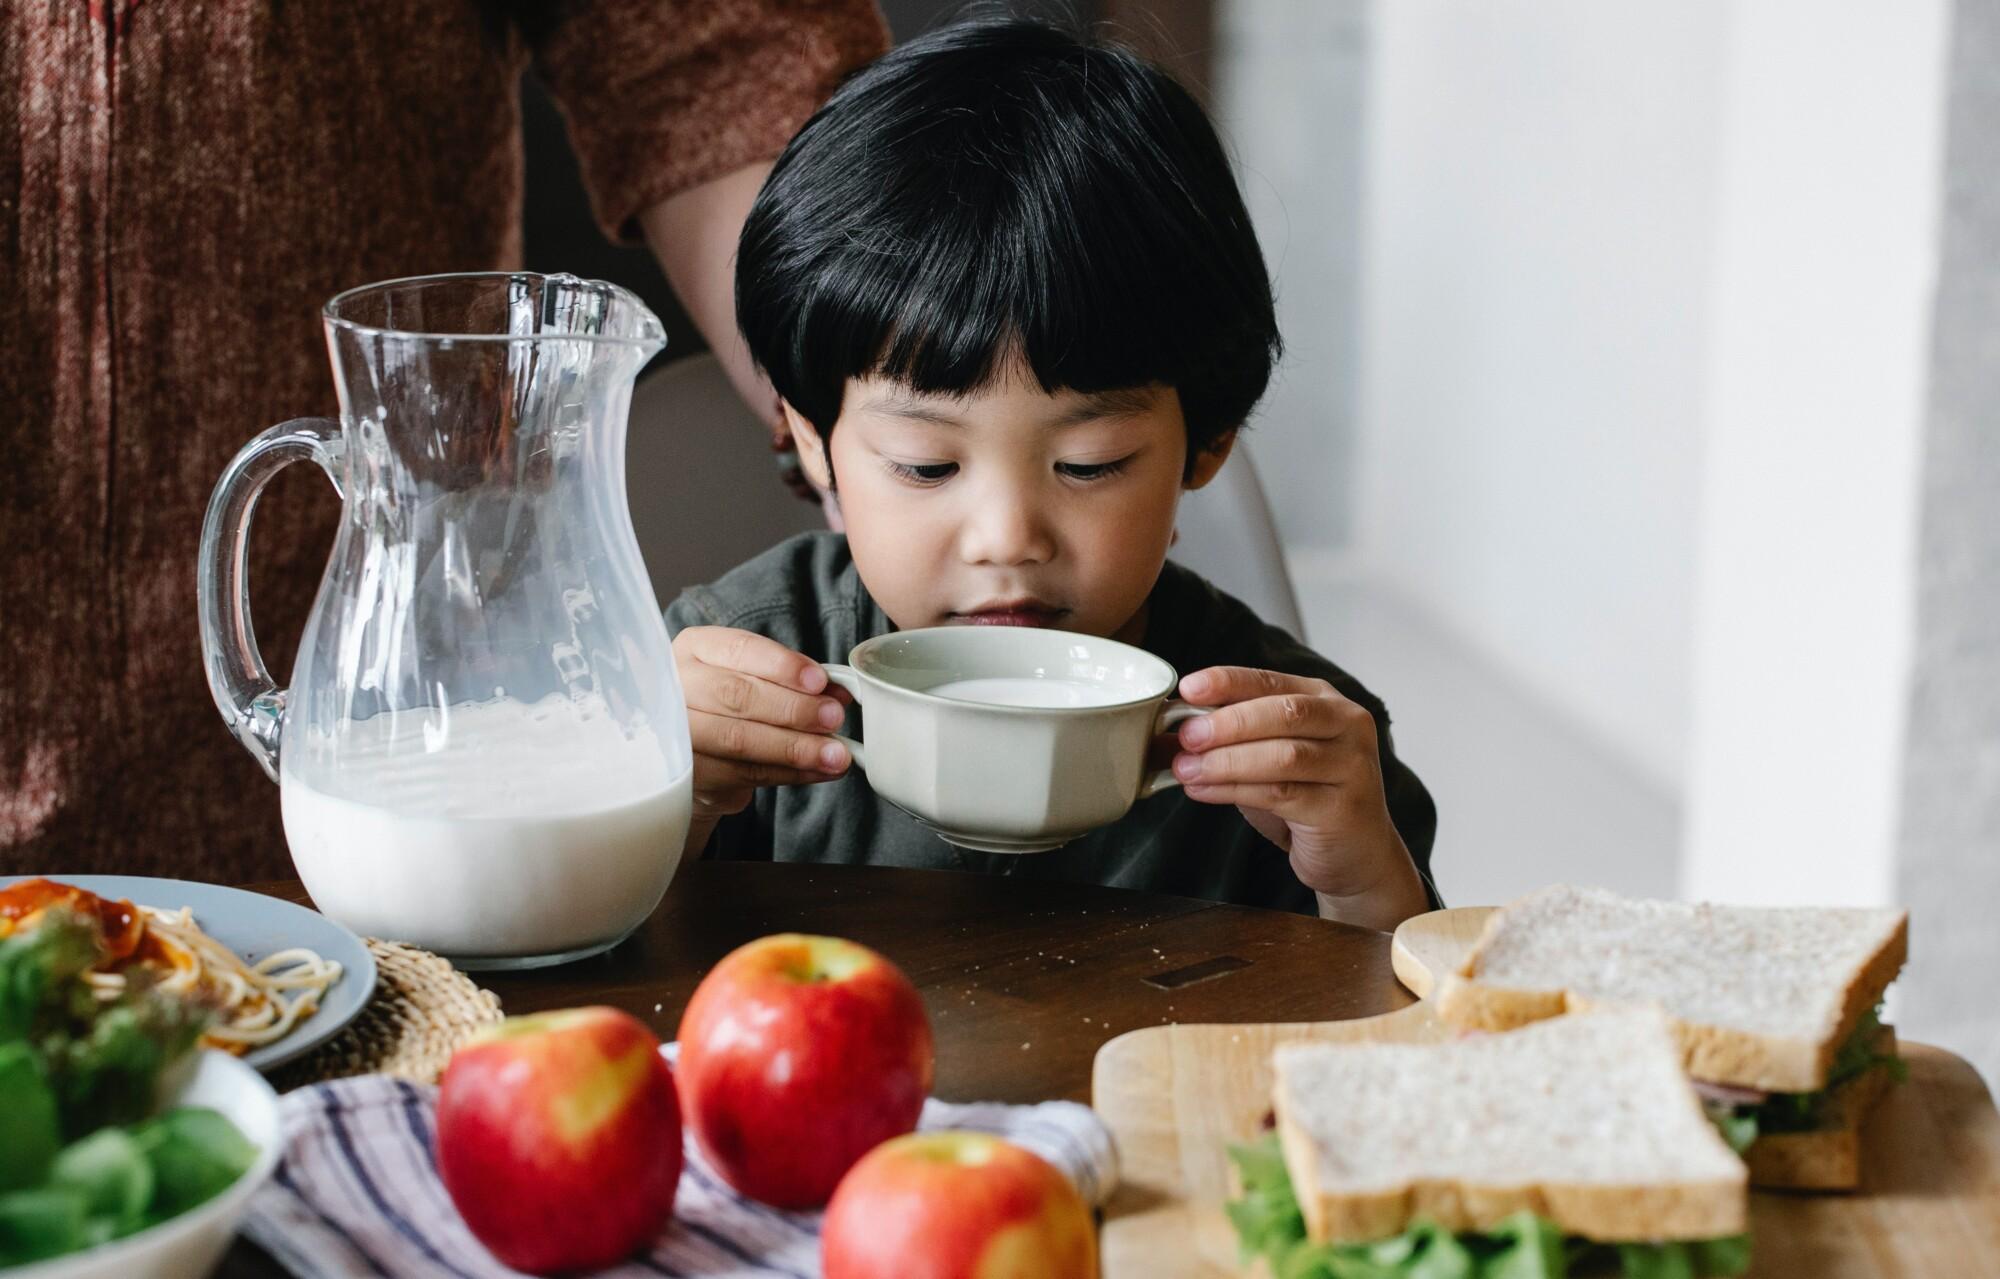 """Mamá comparte """"truco del refrigerio"""" para evitar que los niños coman más de la cuenta en casa"""